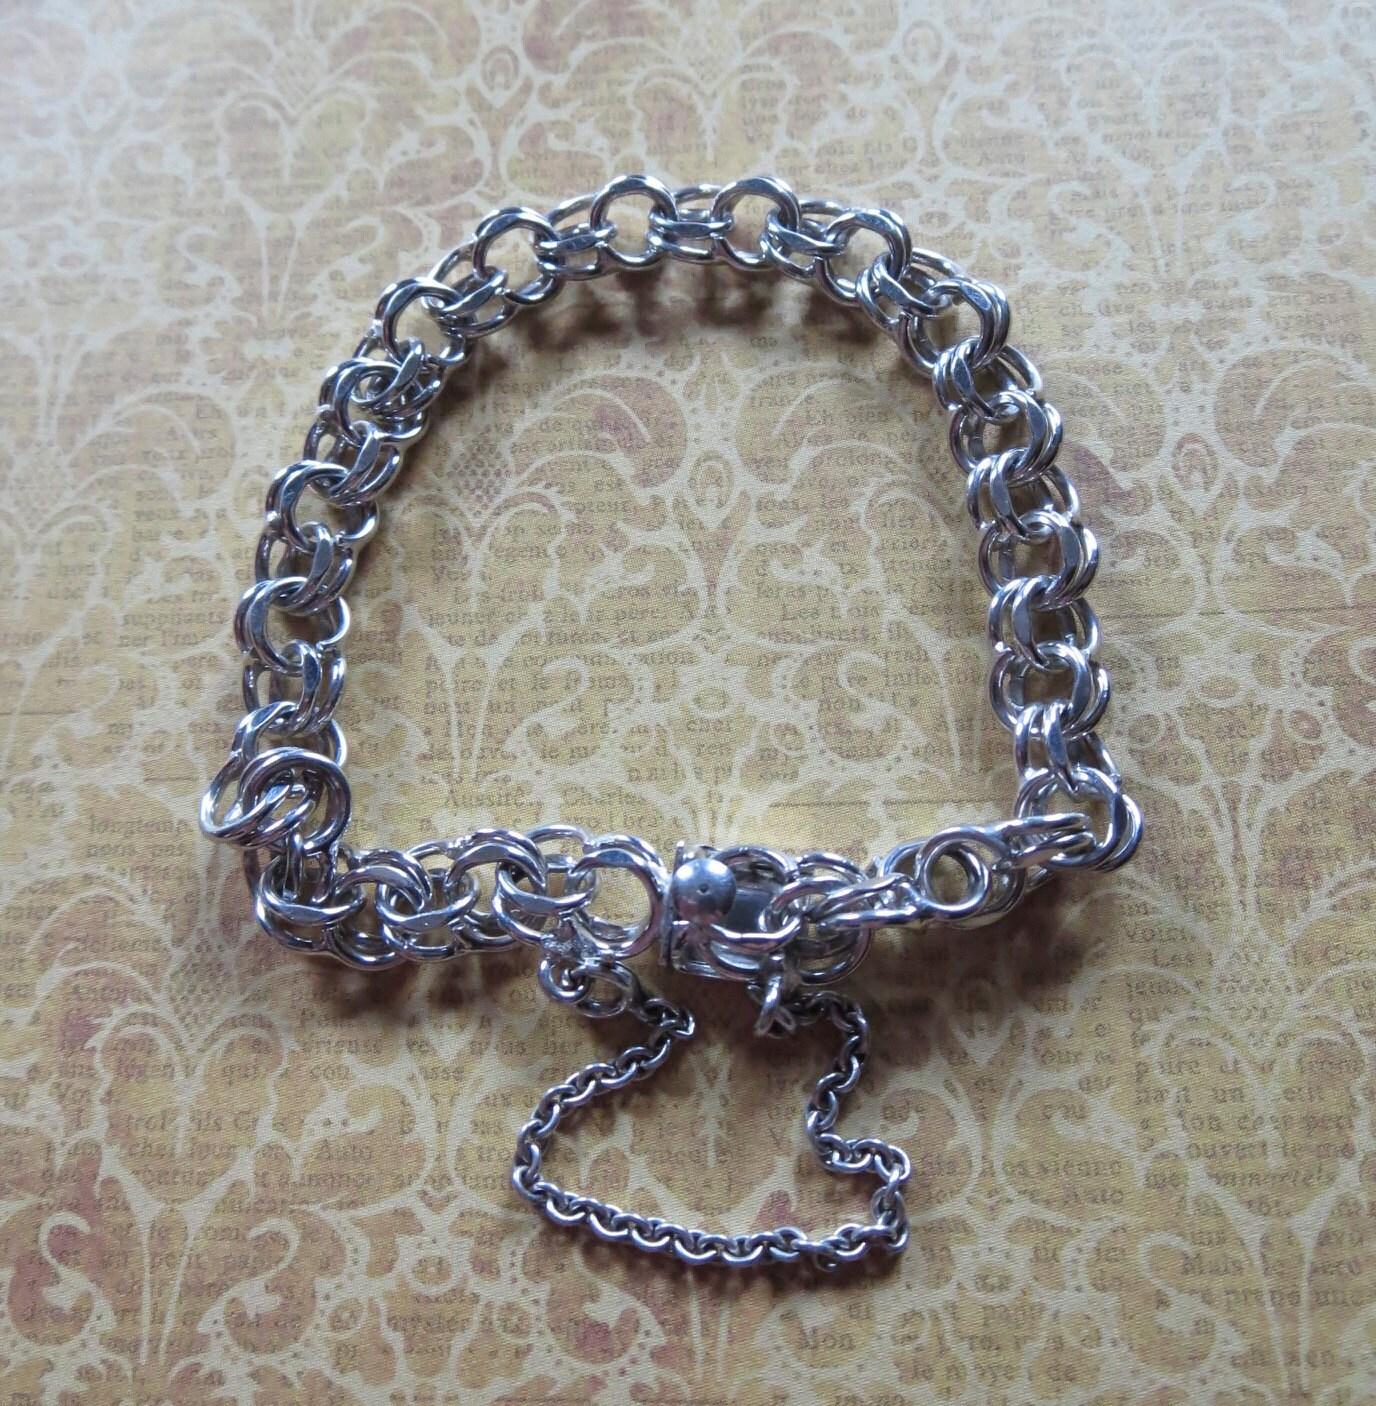 Starter Charm Bracelet: Vintage Double Link Sterling Silver Starter Charm Bracelet